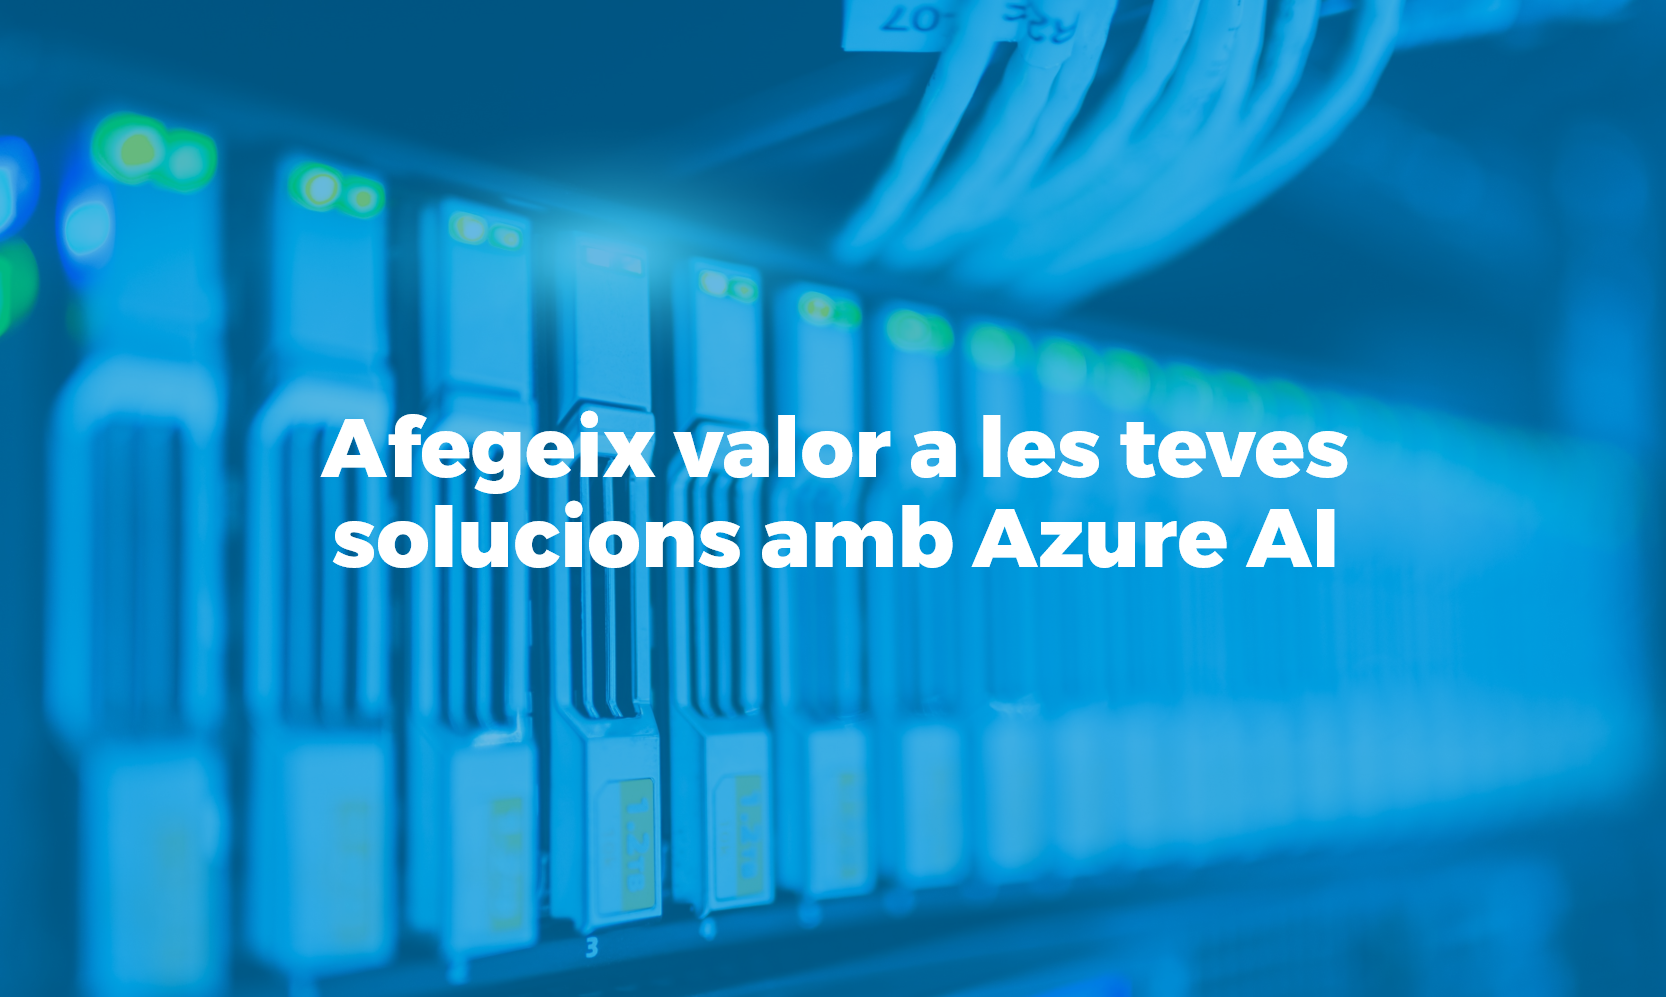 Bismart Afegeix valor a les teves solucions amb Azure AI